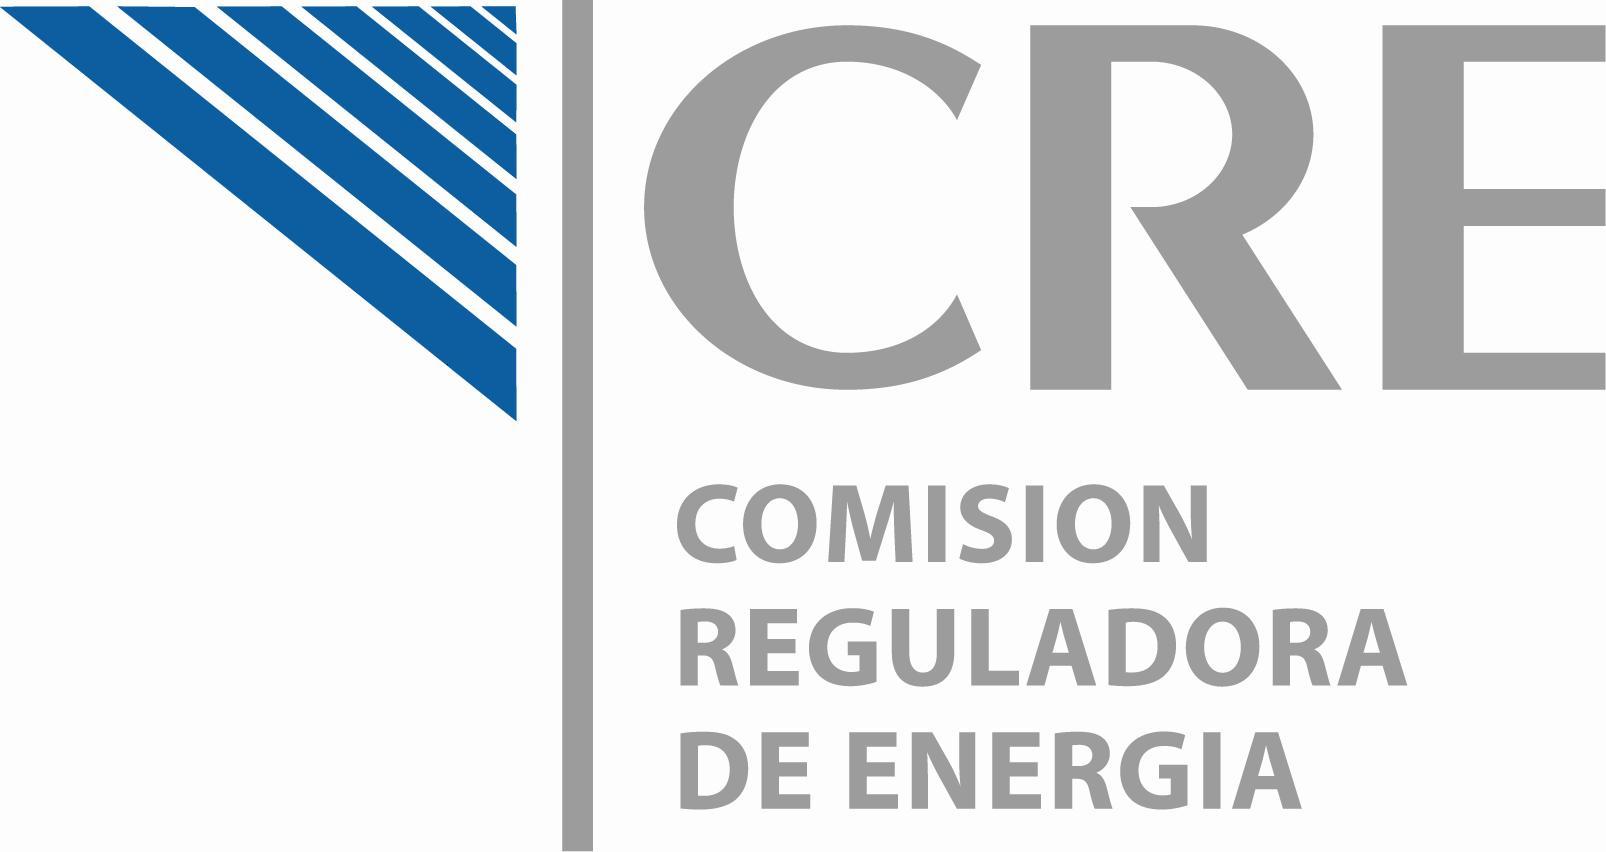 Días Inhábiles de la Comisión Reguladora de Energía 2018